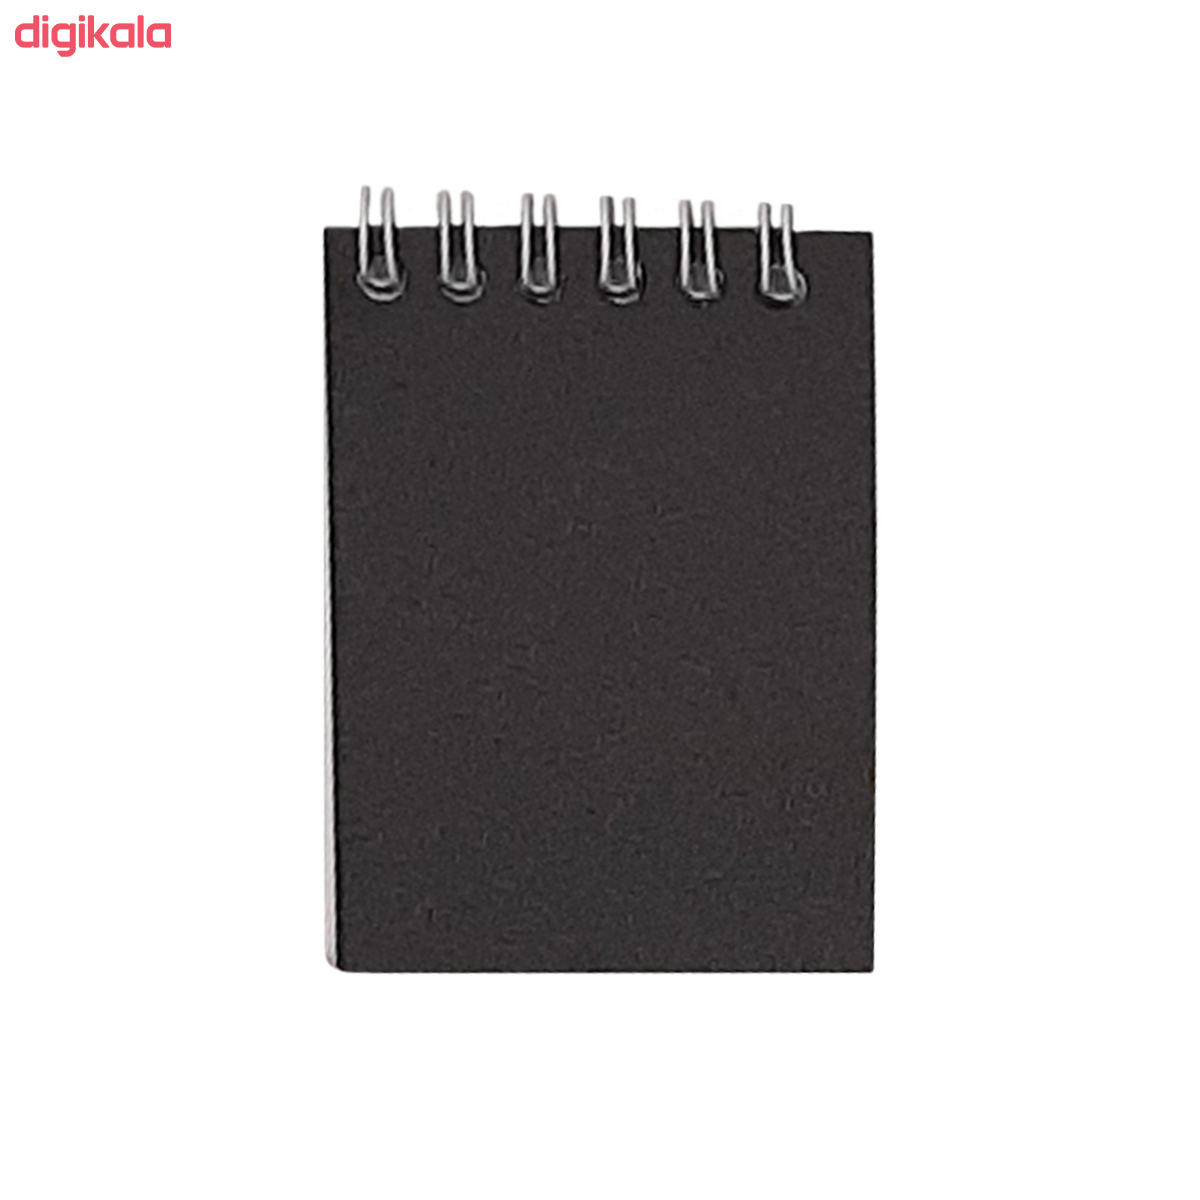 دفترچه یادداشت 60 برگ الماس مدل B-SD-T main 1 4